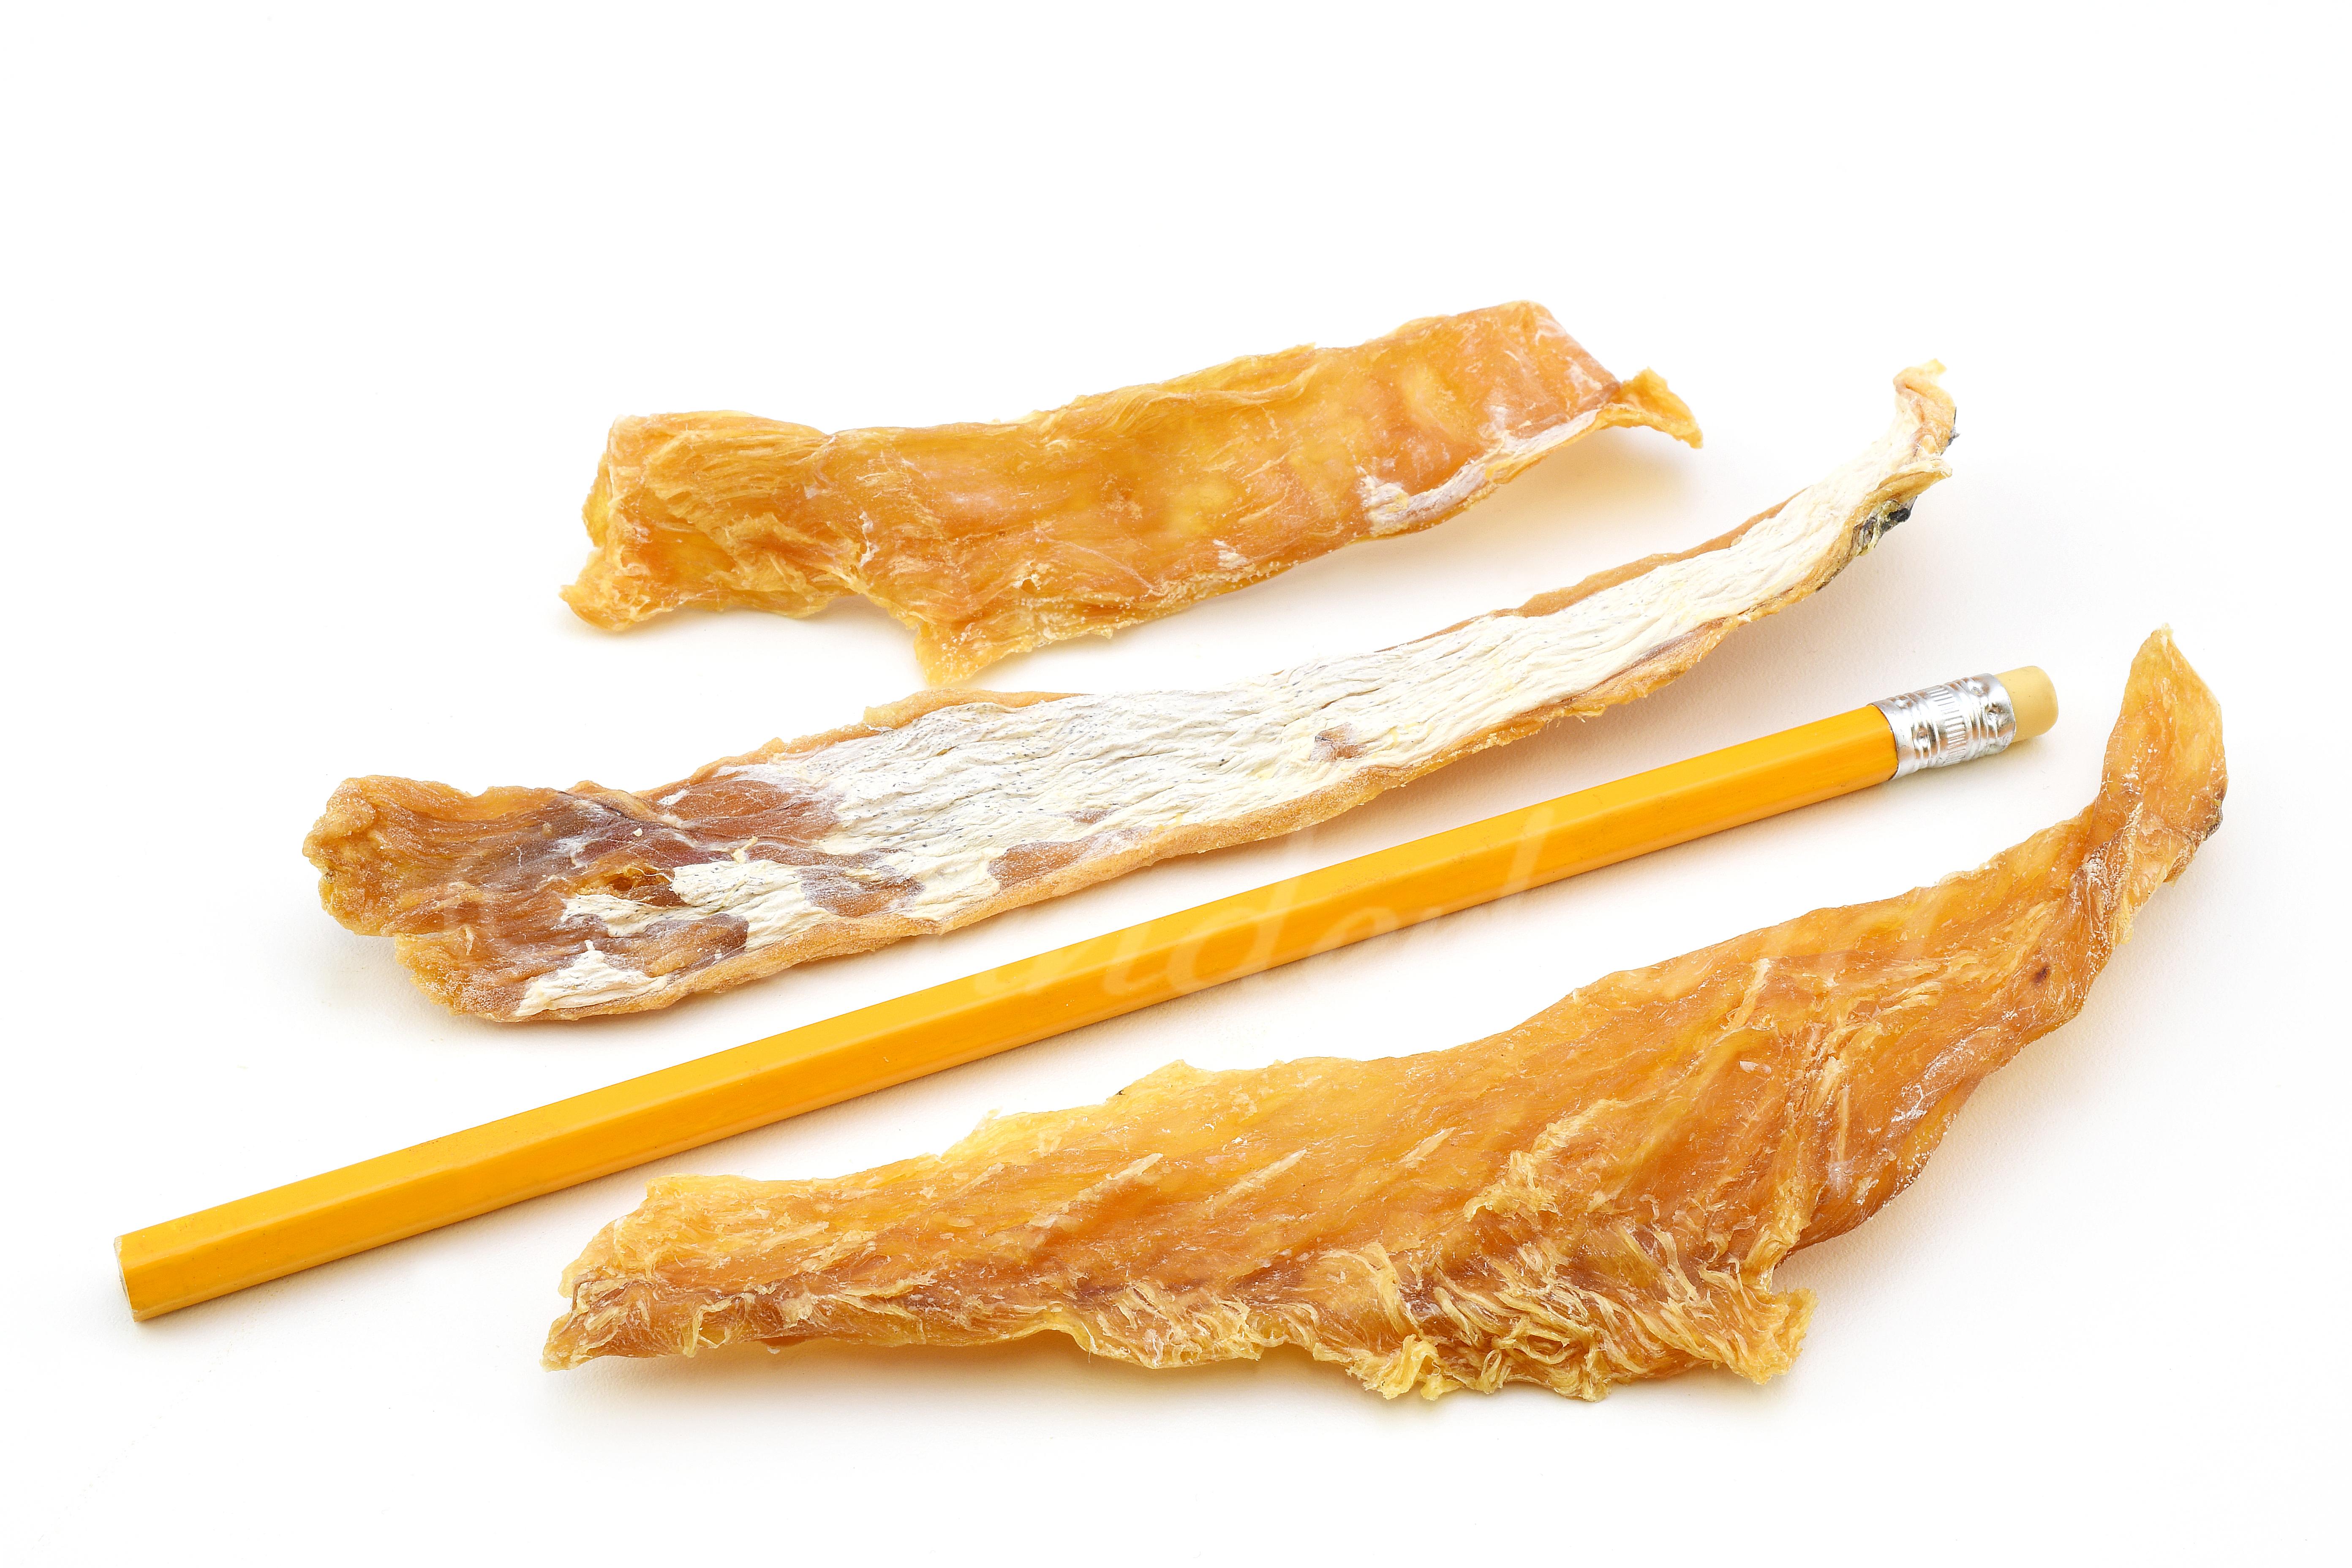 Lunderland Weißfisch-Filet